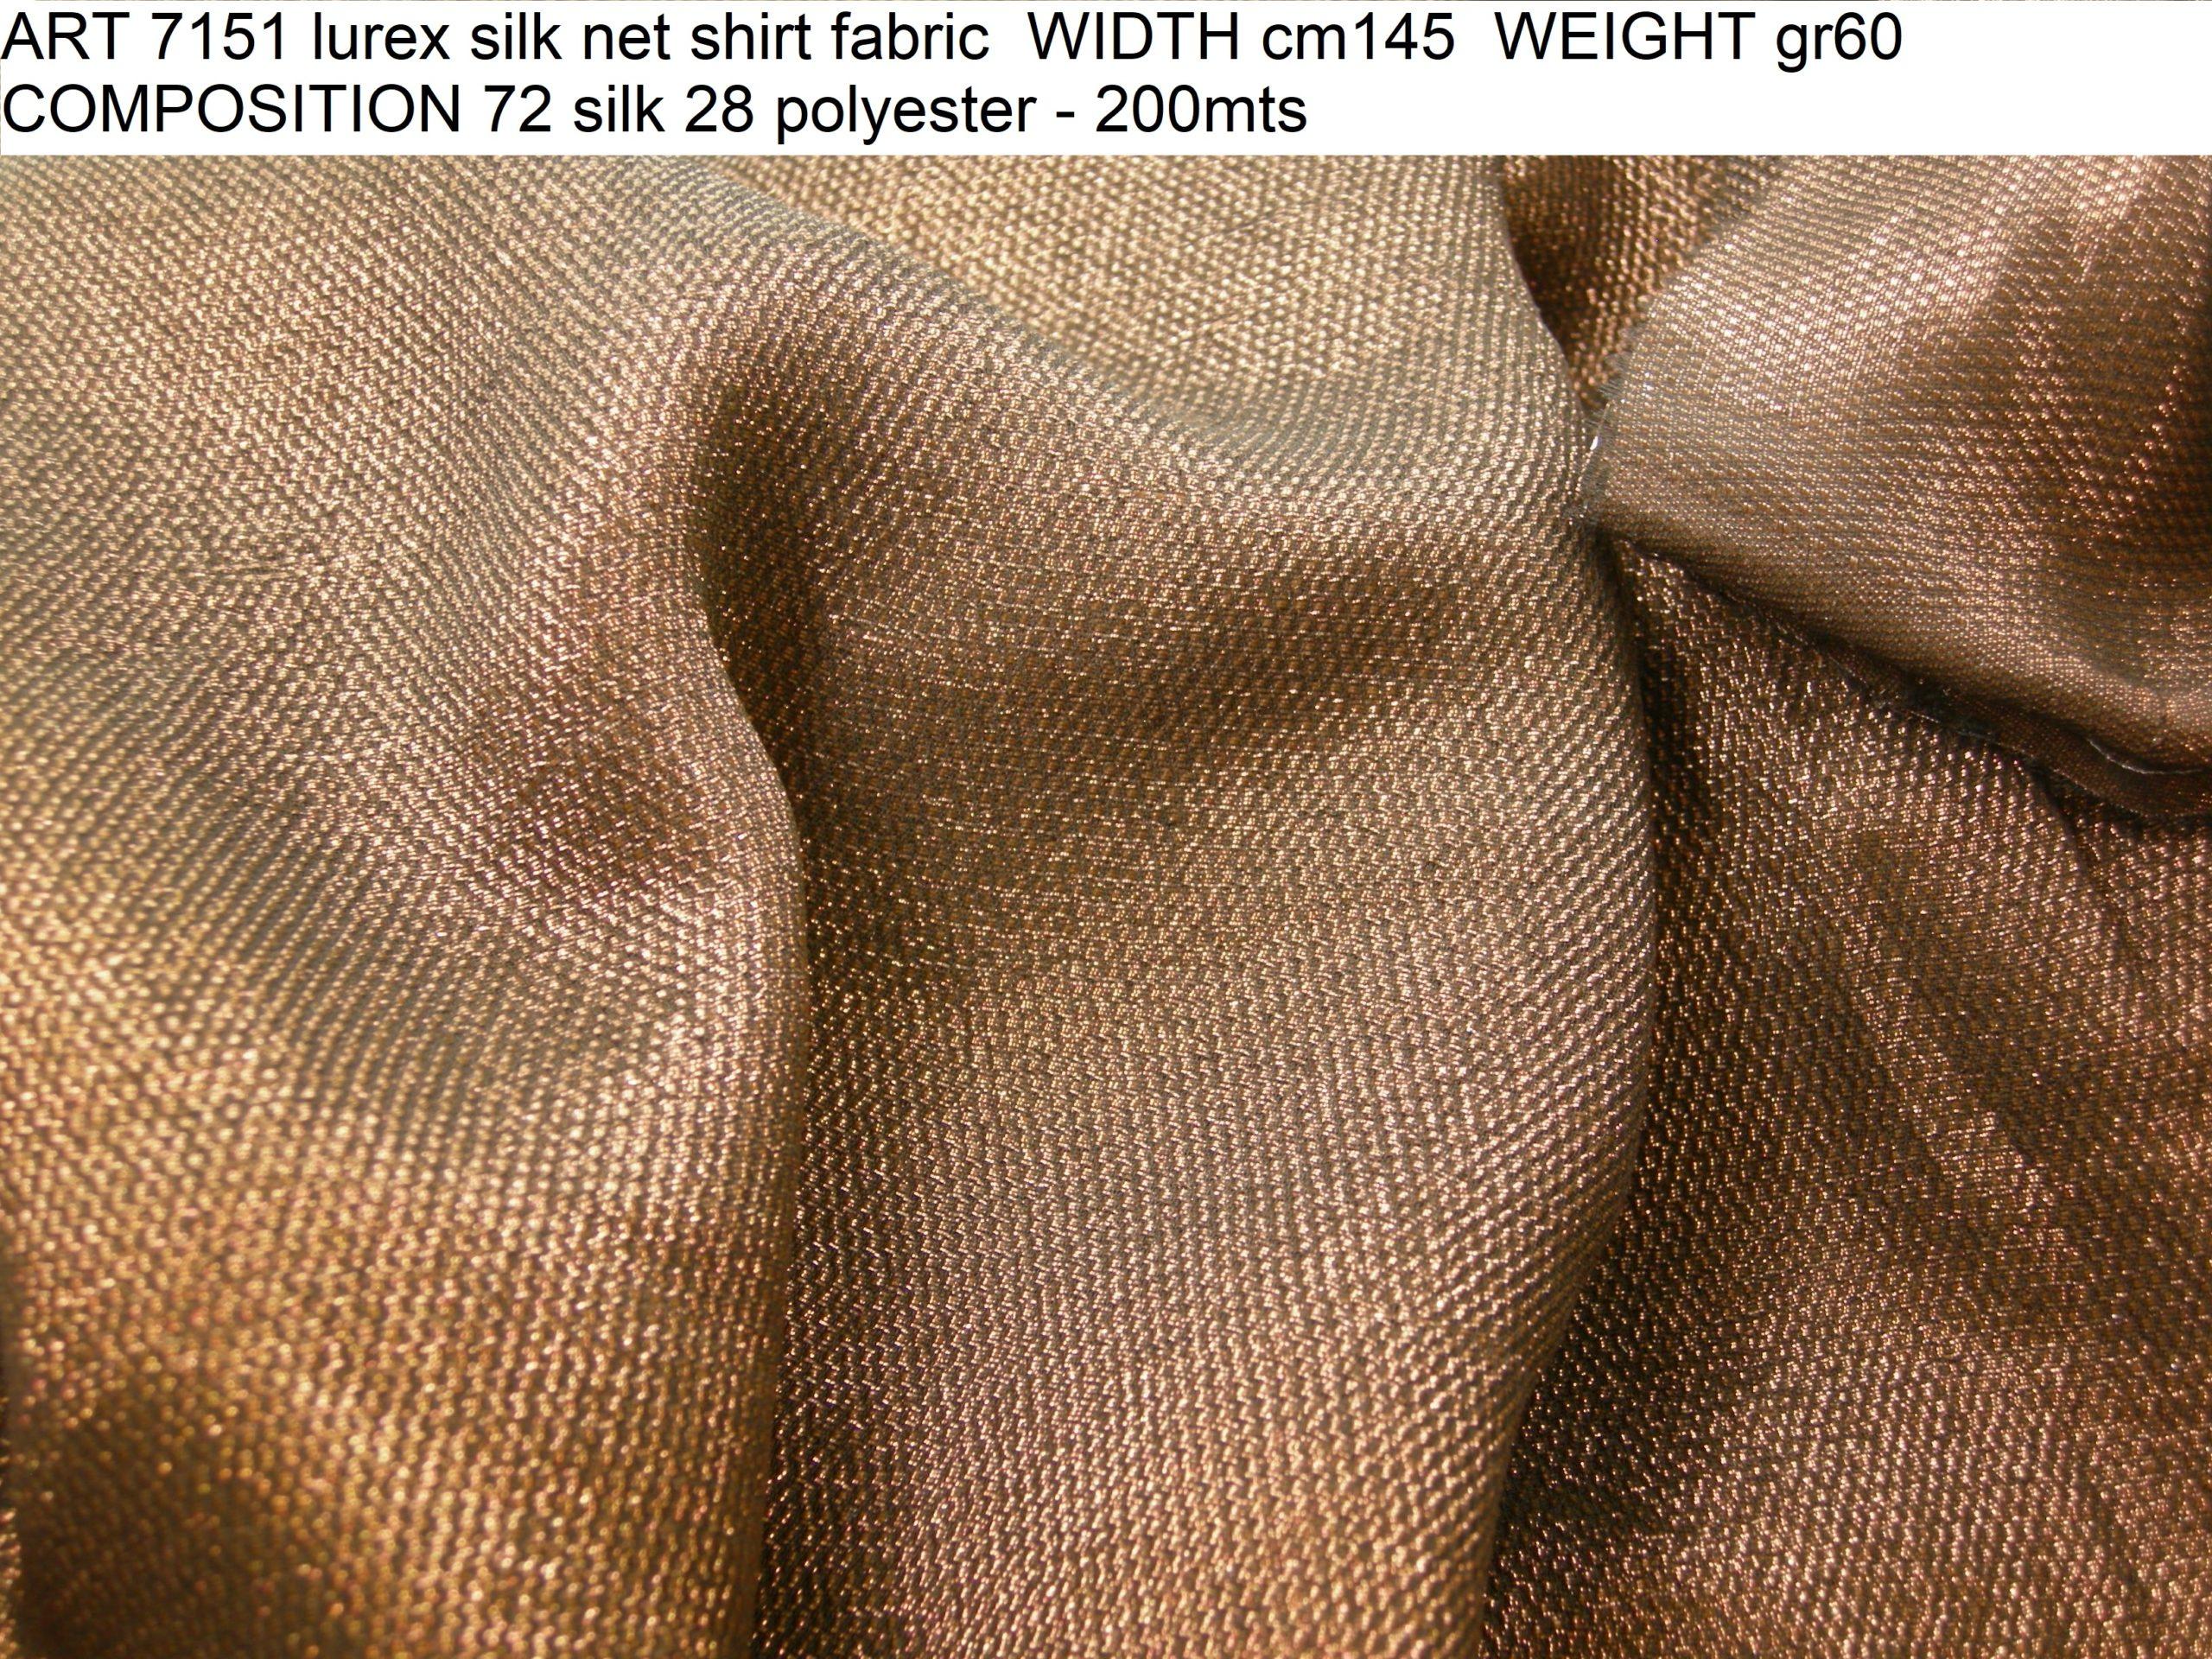 ART 7151 lurex silk net shirt fabric WIDTH cm145 WEIGHT gr60 COMPOSITION 72 silk 28 polyester - 200mts